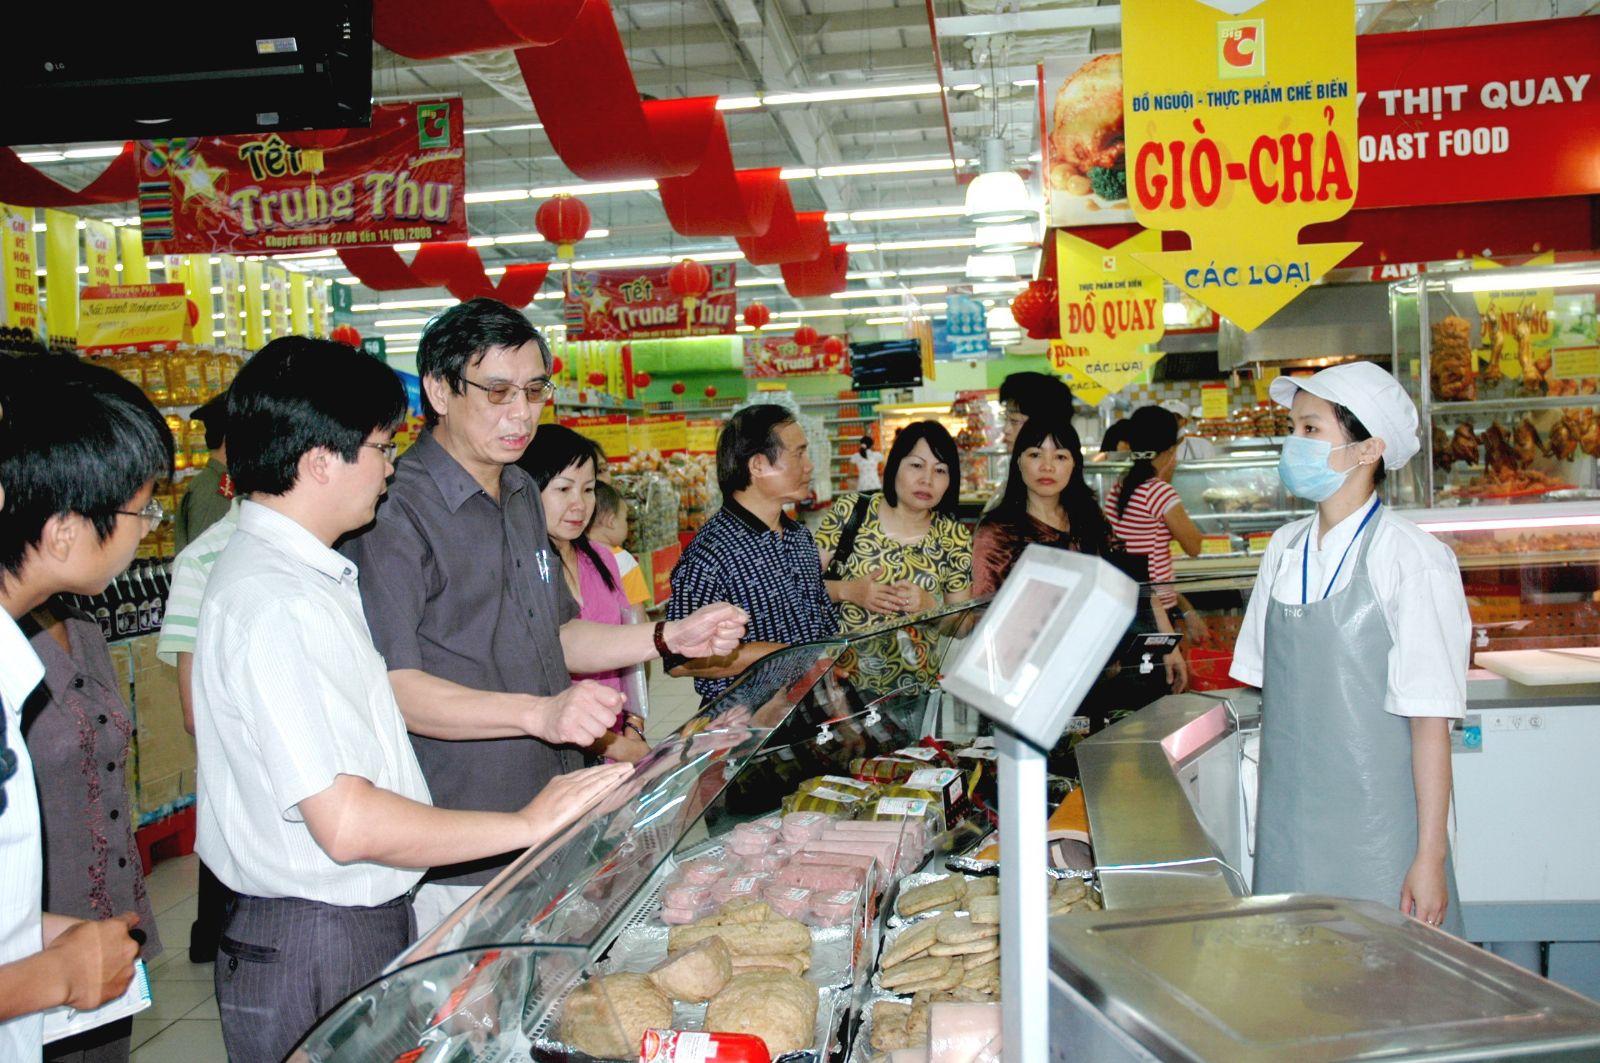 Không có giấy phép vệ sinh an toàn thực phẩm sẽ bị xử phạt thế nào?